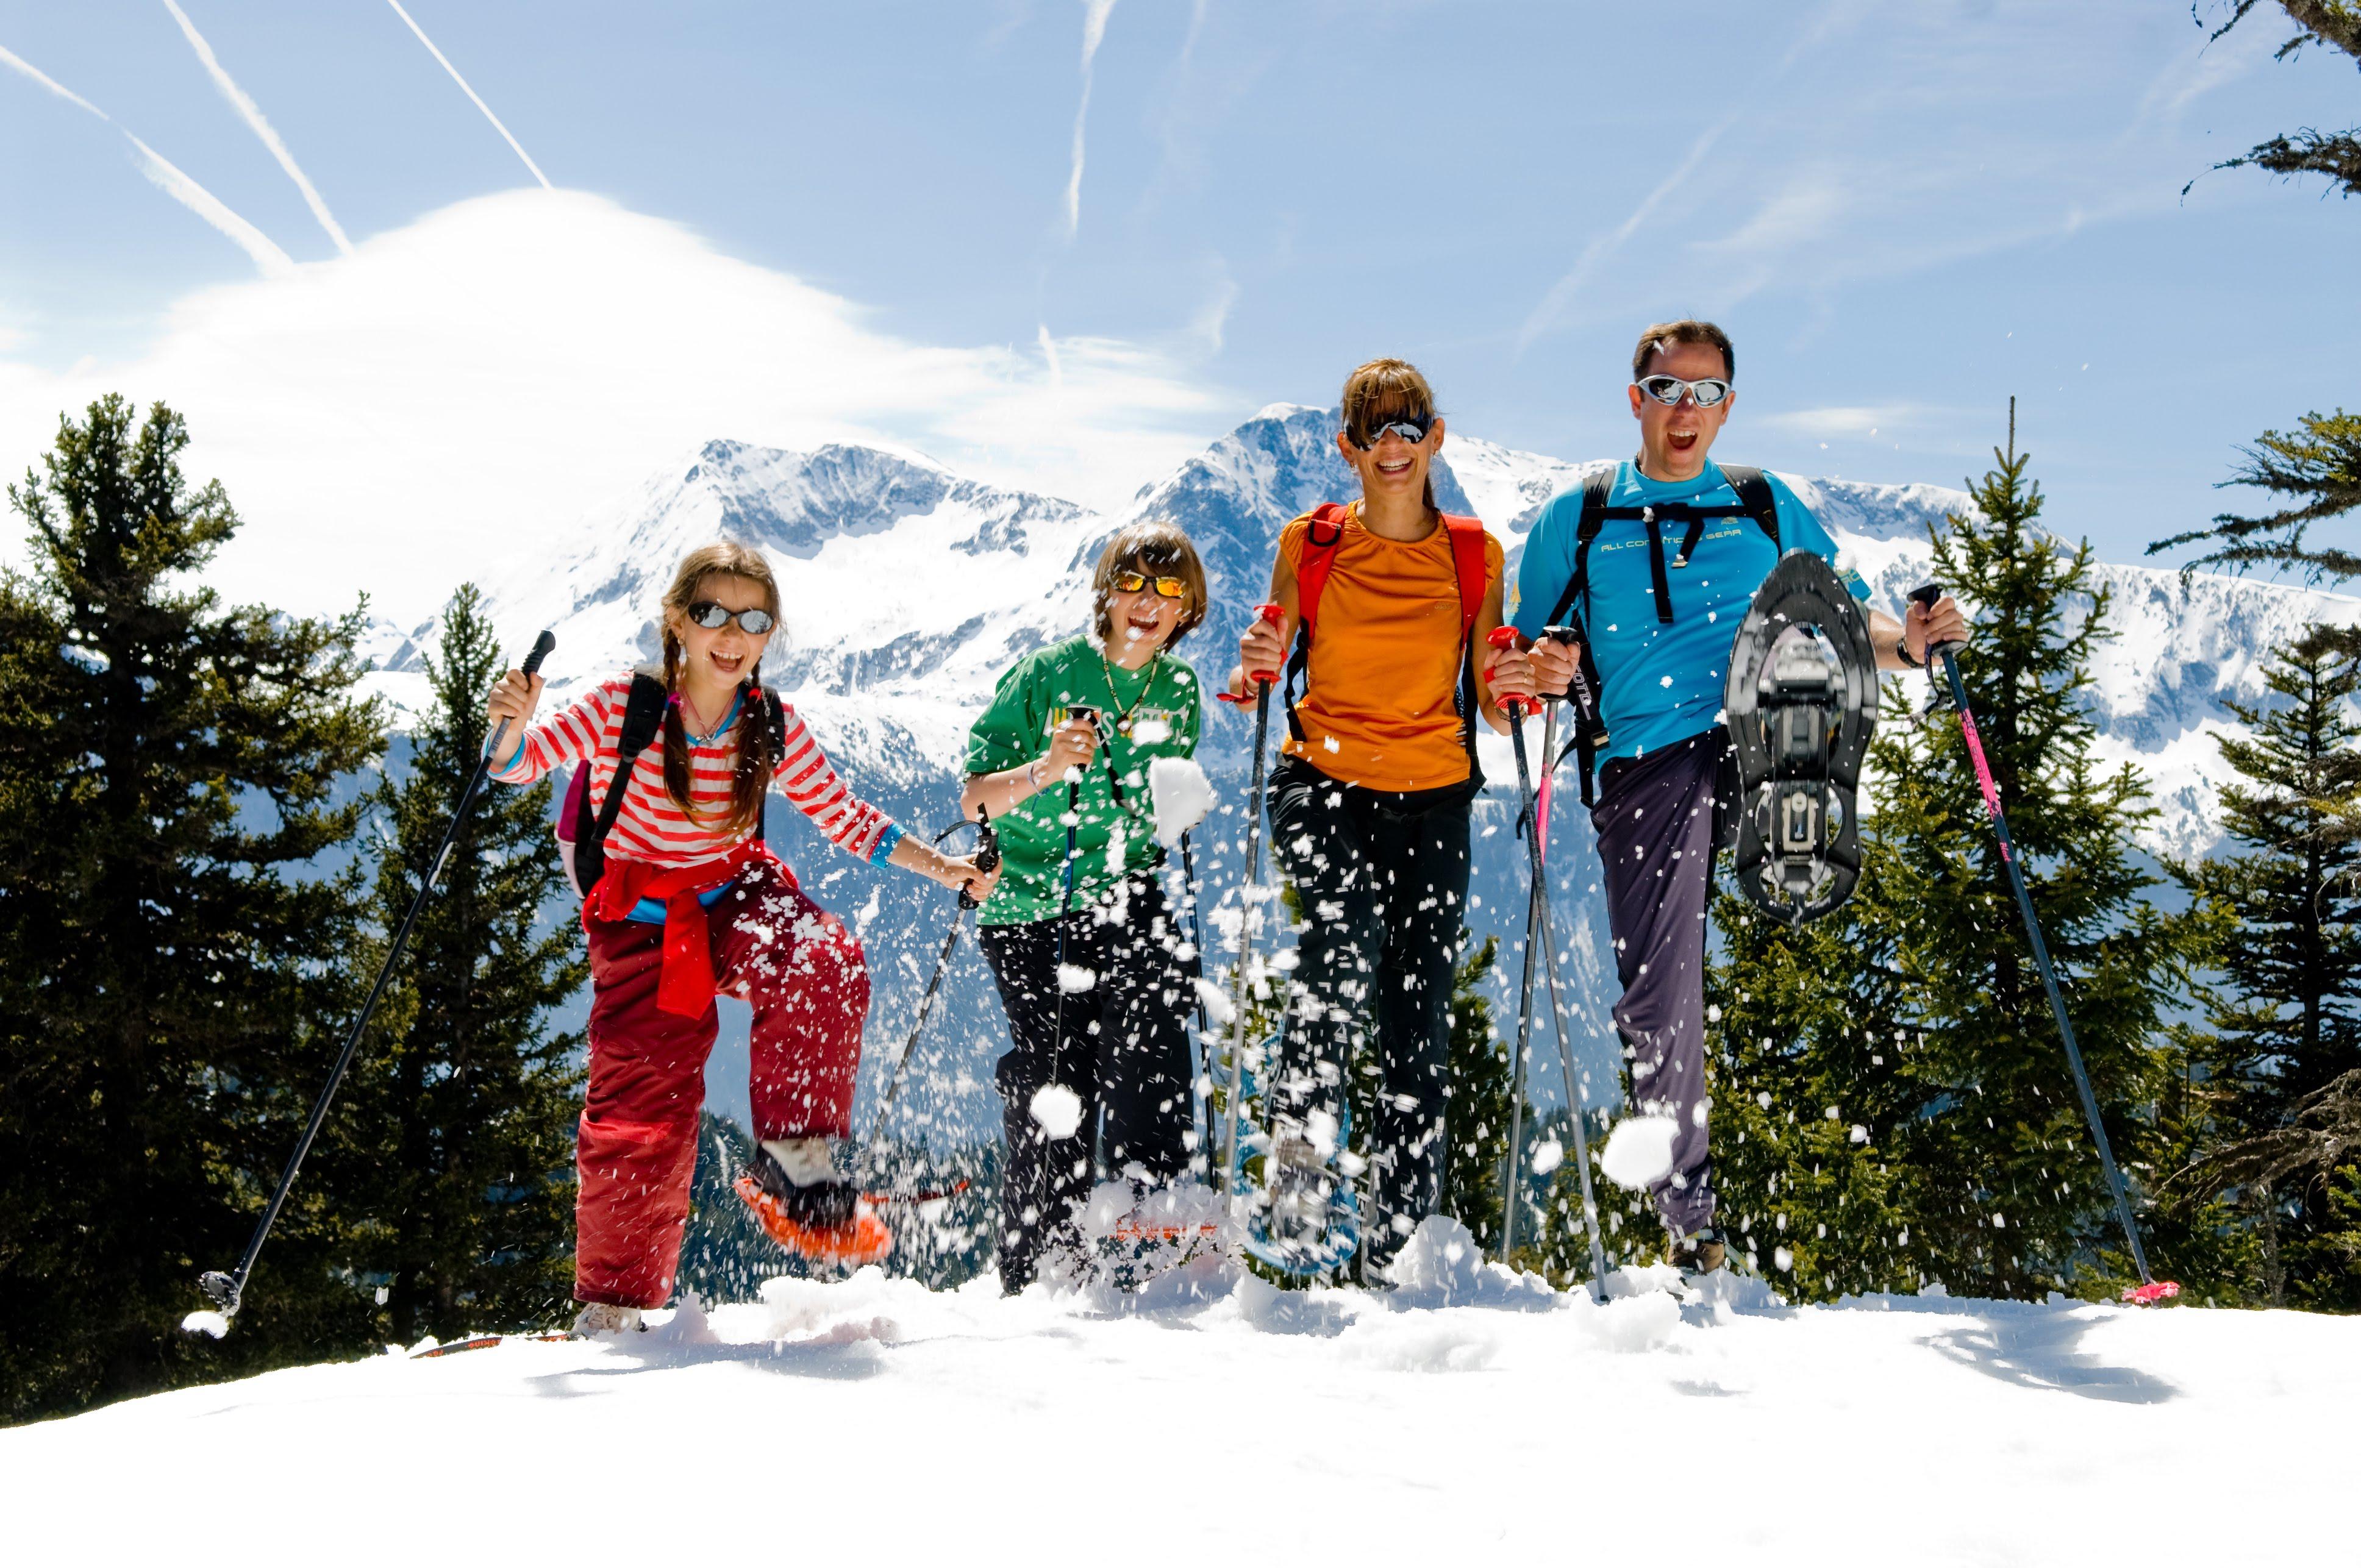 Famille randonnée raquettes hiver neige